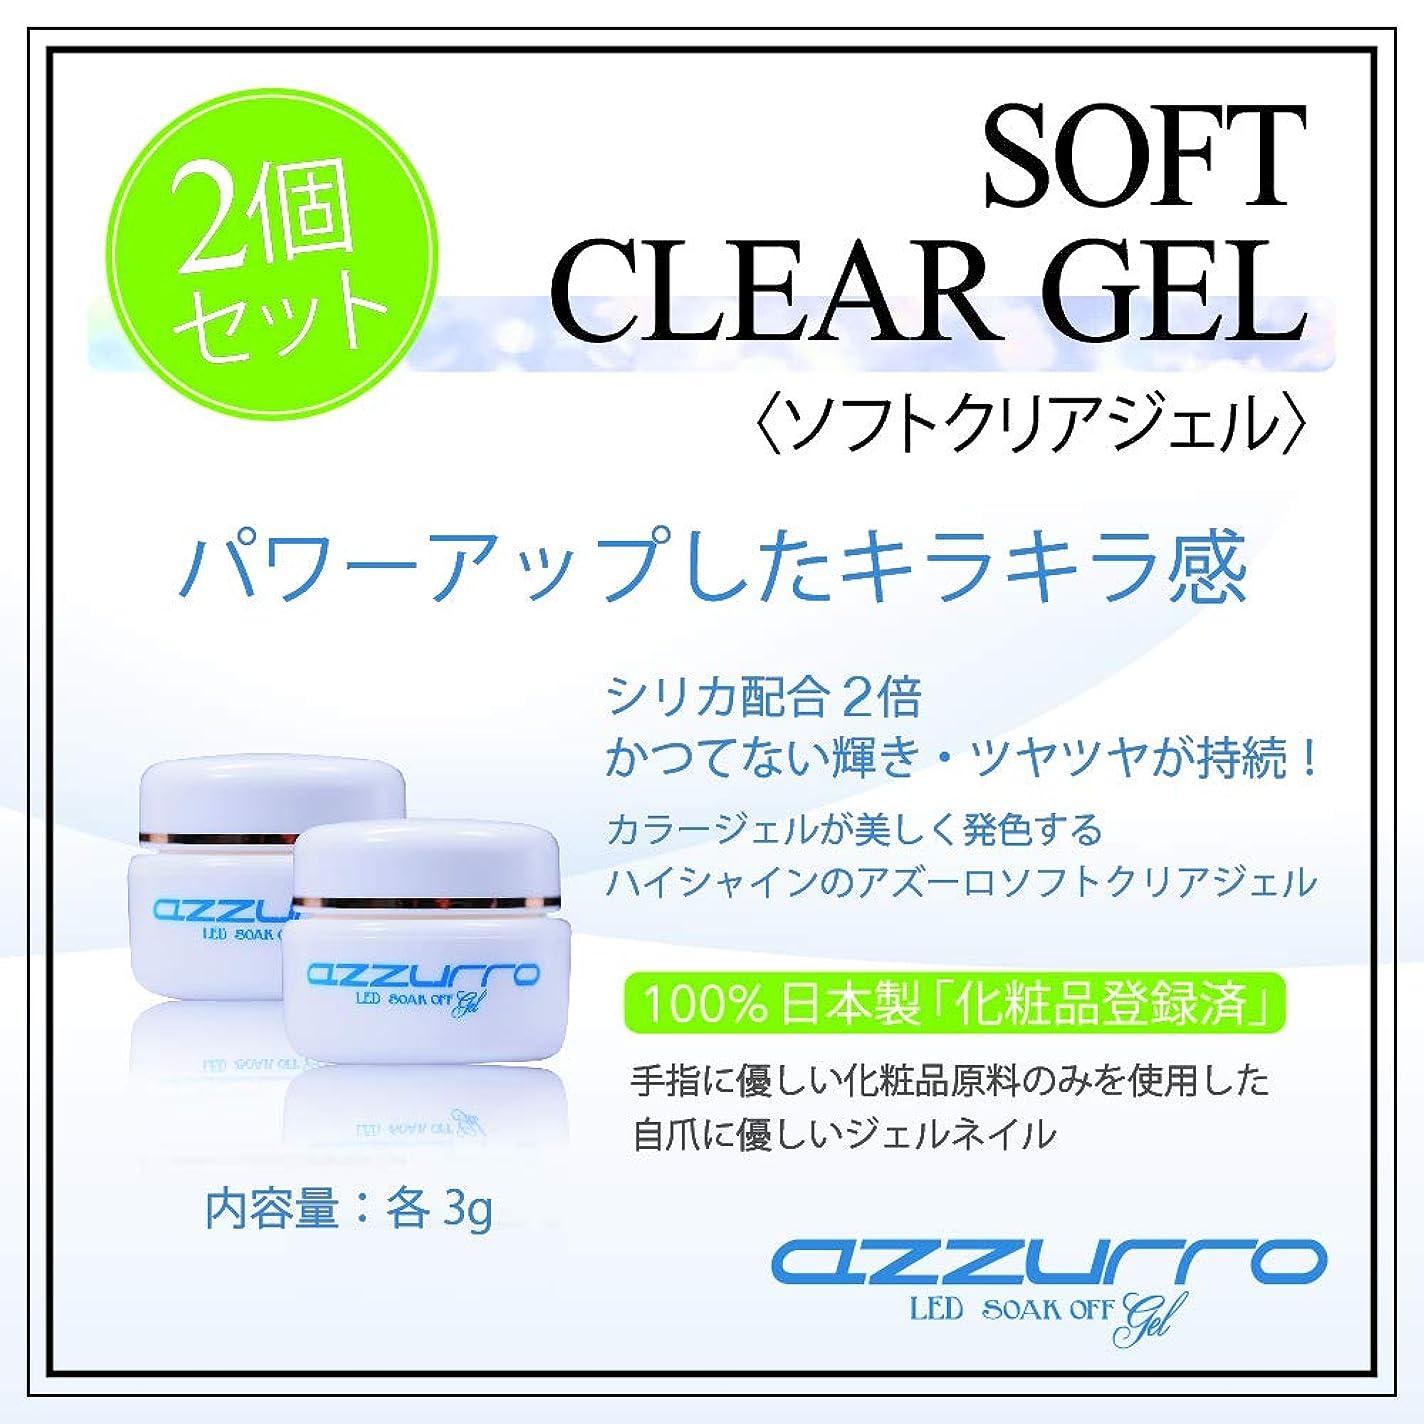 手共感するサラミazzurro gel アッズーロ ソフトクリアージェル お得な2個セット ツヤツヤ キラキラ感持続 抜群のツヤ 爪に優しい日本製 3g